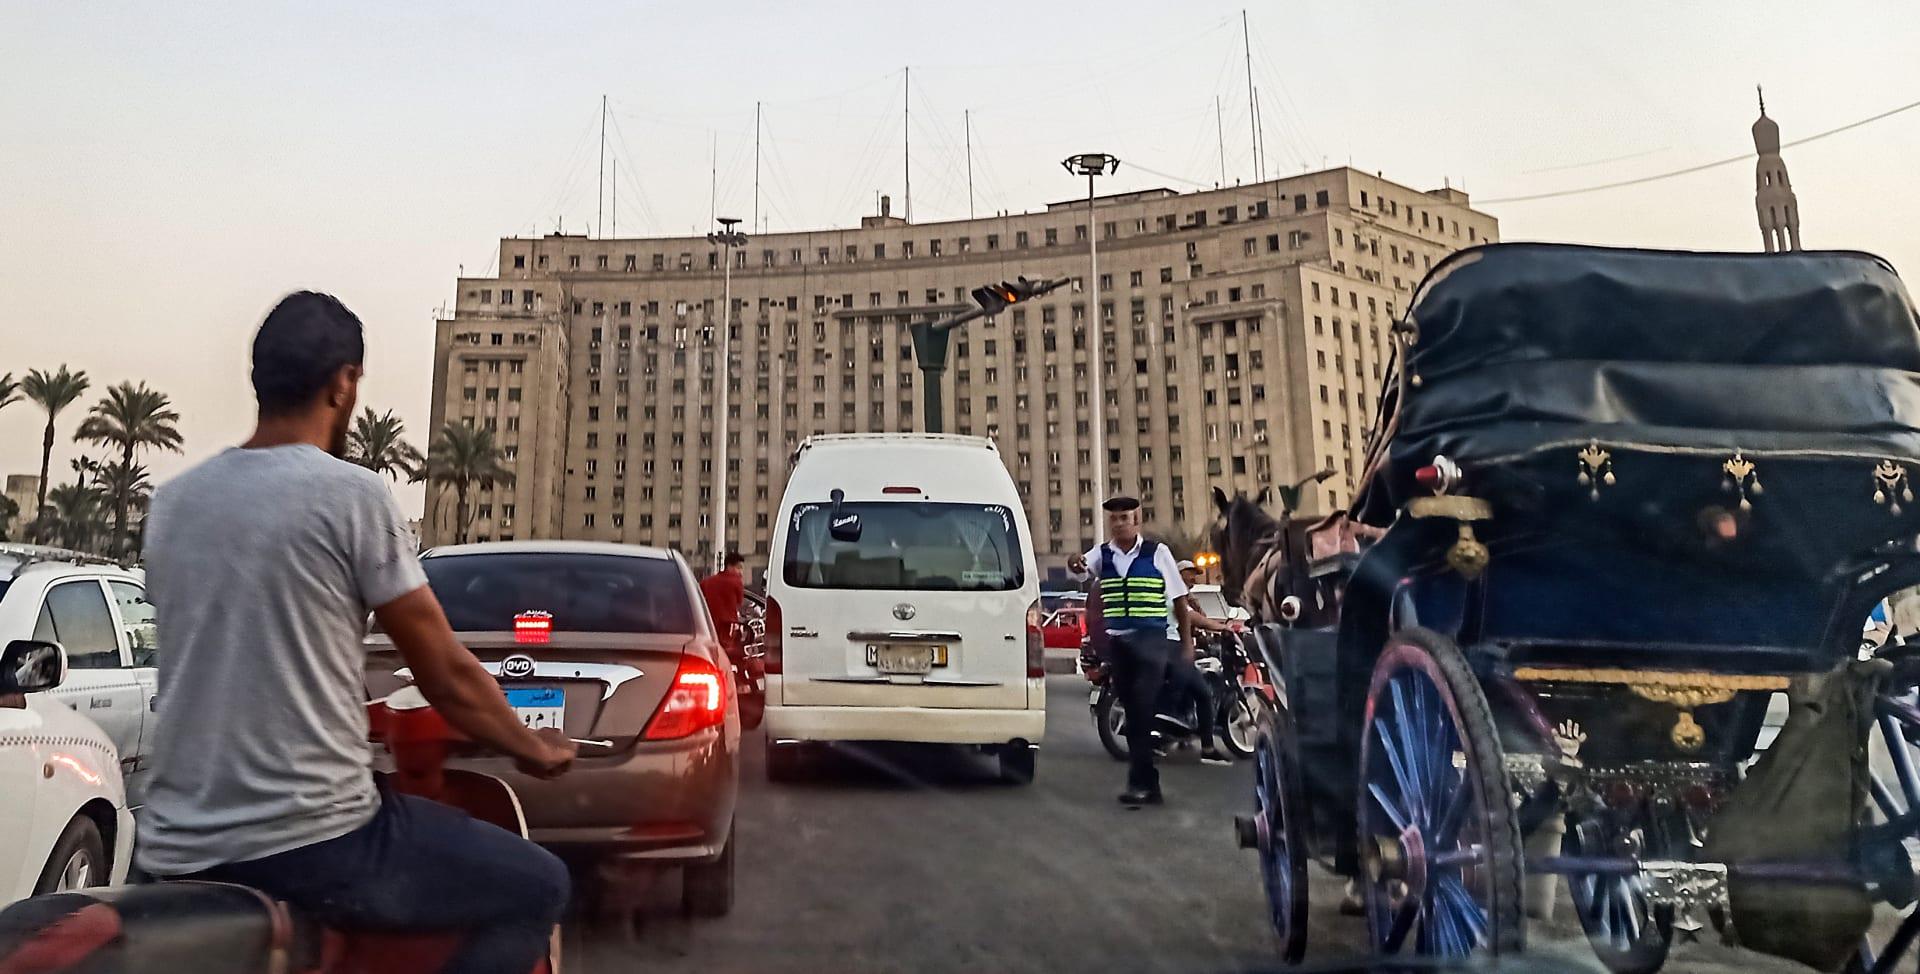 حقوقيون: الحبس 15 يوما لنشطاء مصريين بتهمة نشر أخبار كاذبة